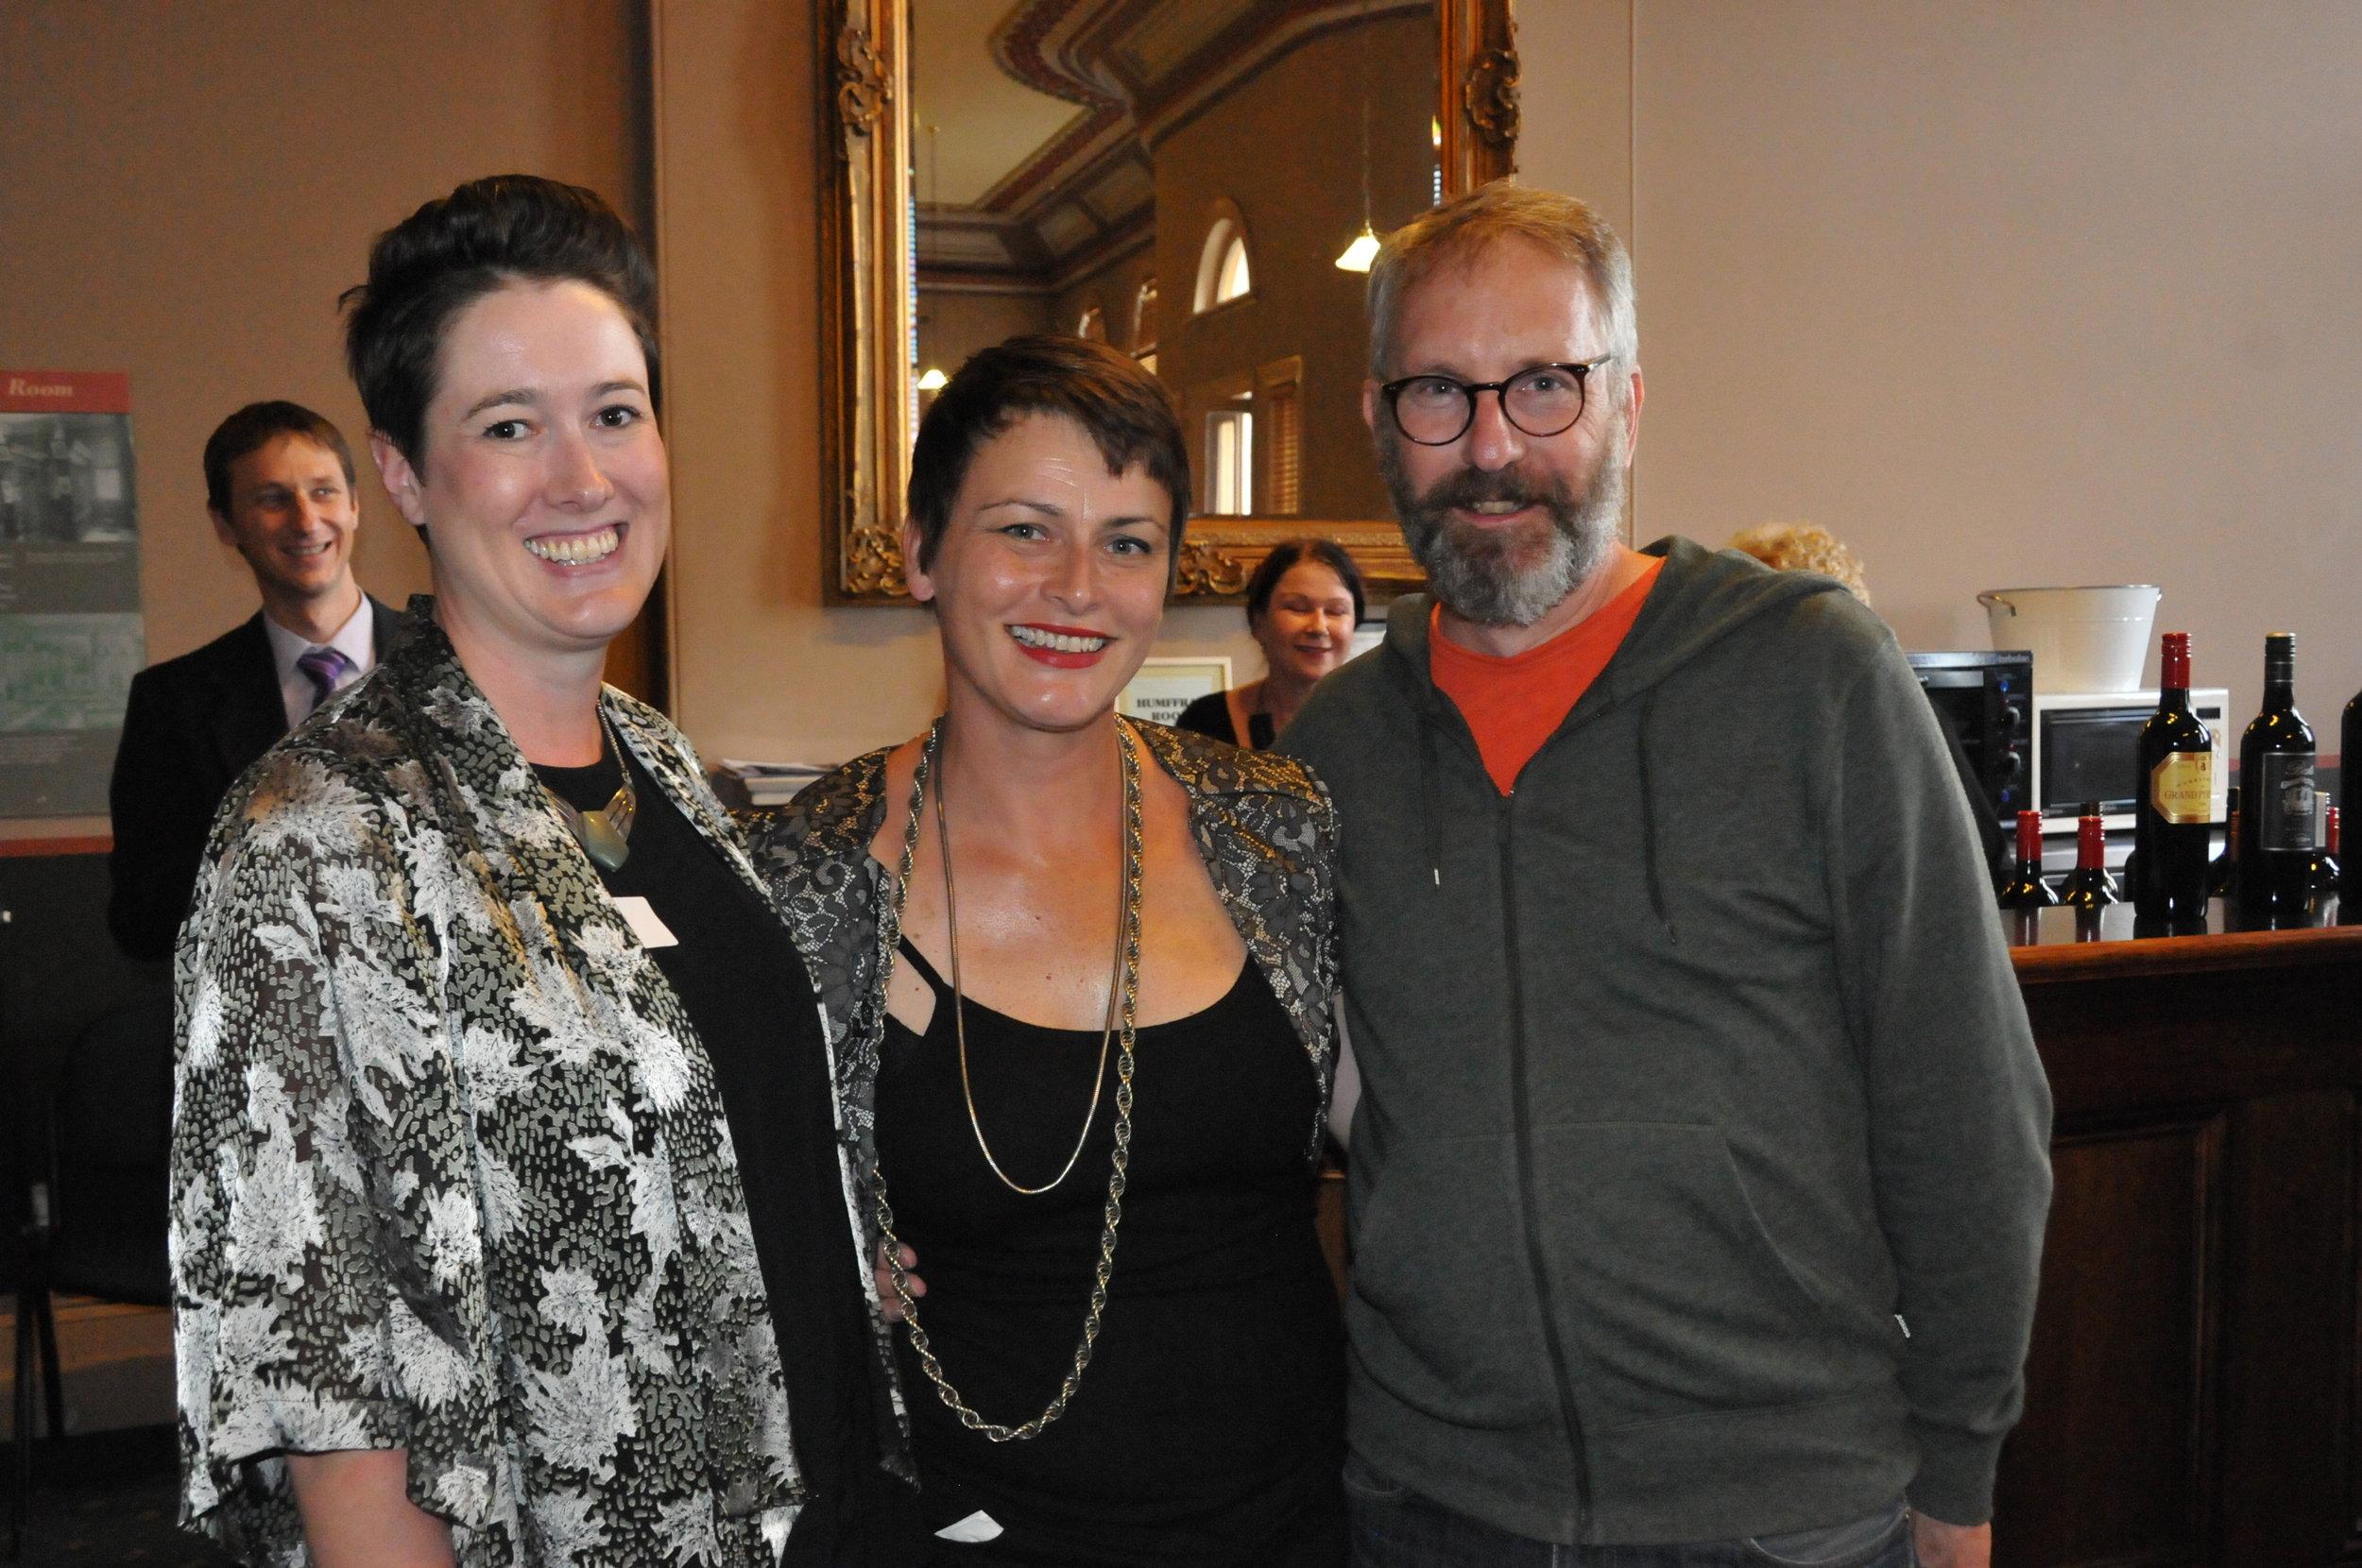 Julie McLaren, Tara Poole and Stephen Pigott